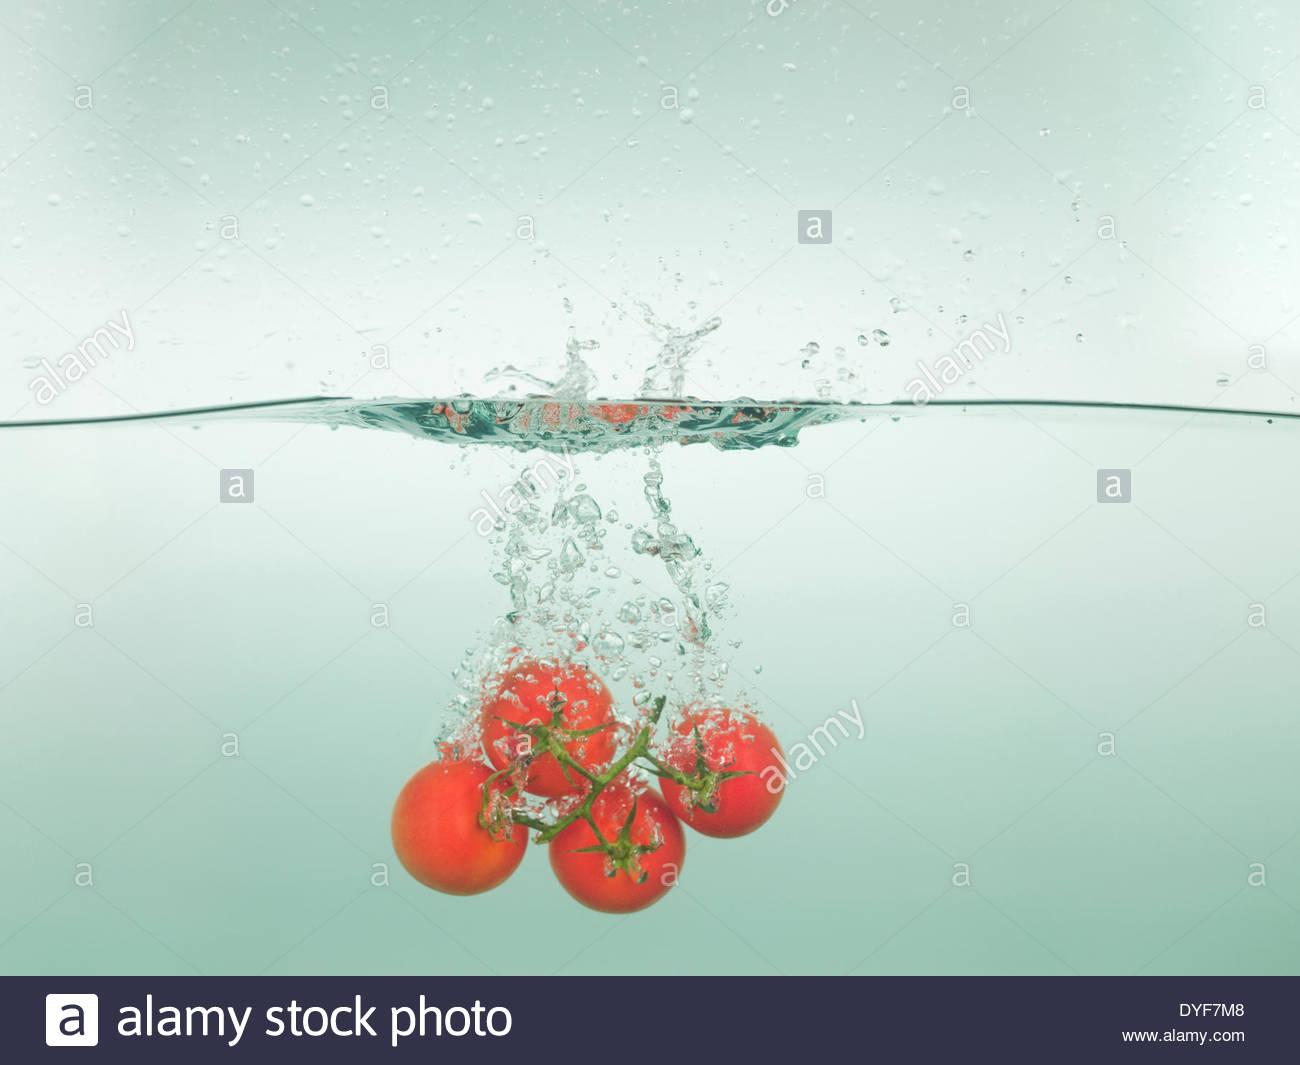 Les tomates splashing in water Photo Stock